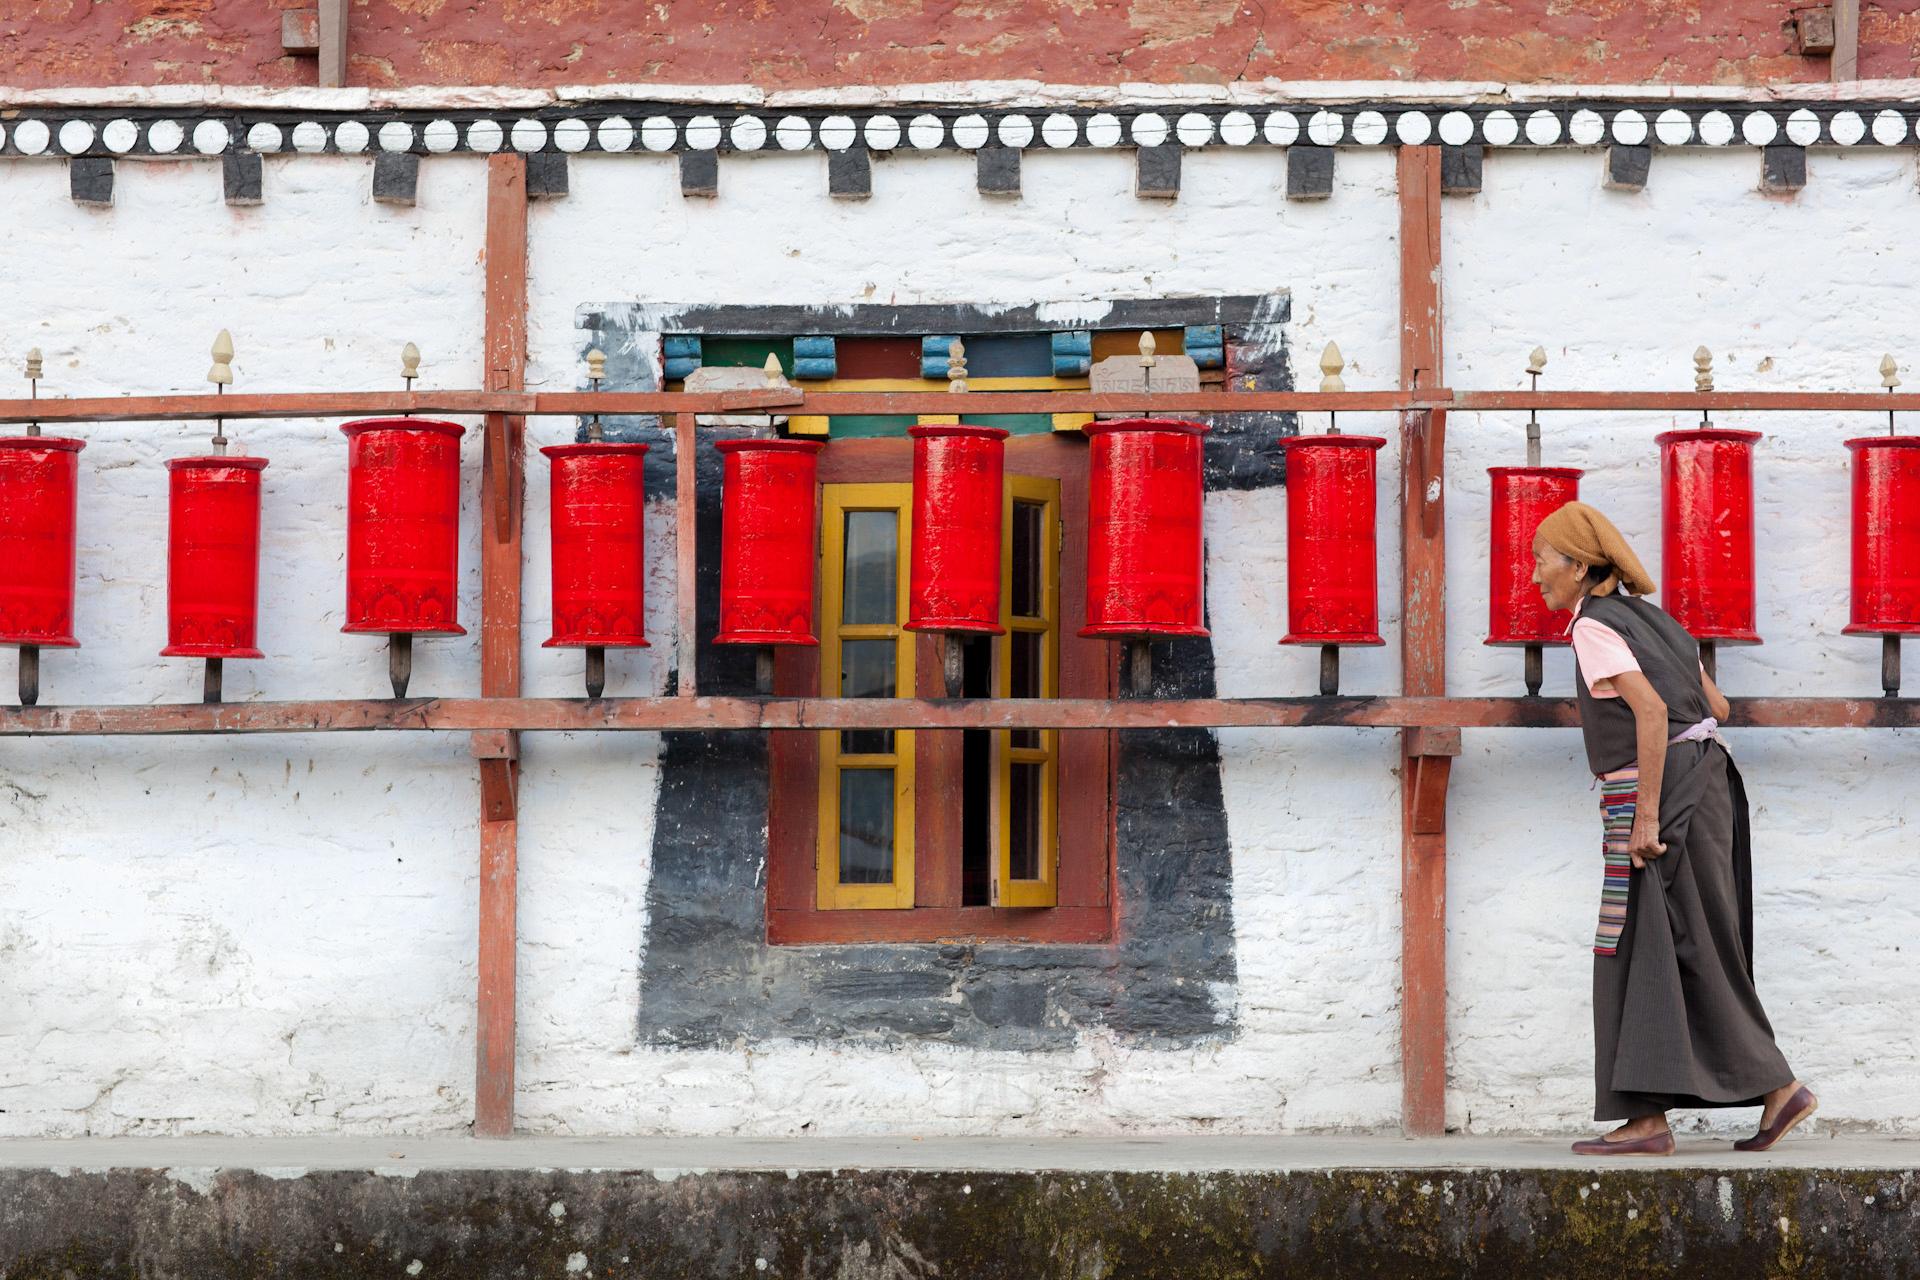 Jason_Bax_Travel_India-Sikkim-Tashiding-Prayer-Wheels.JPG